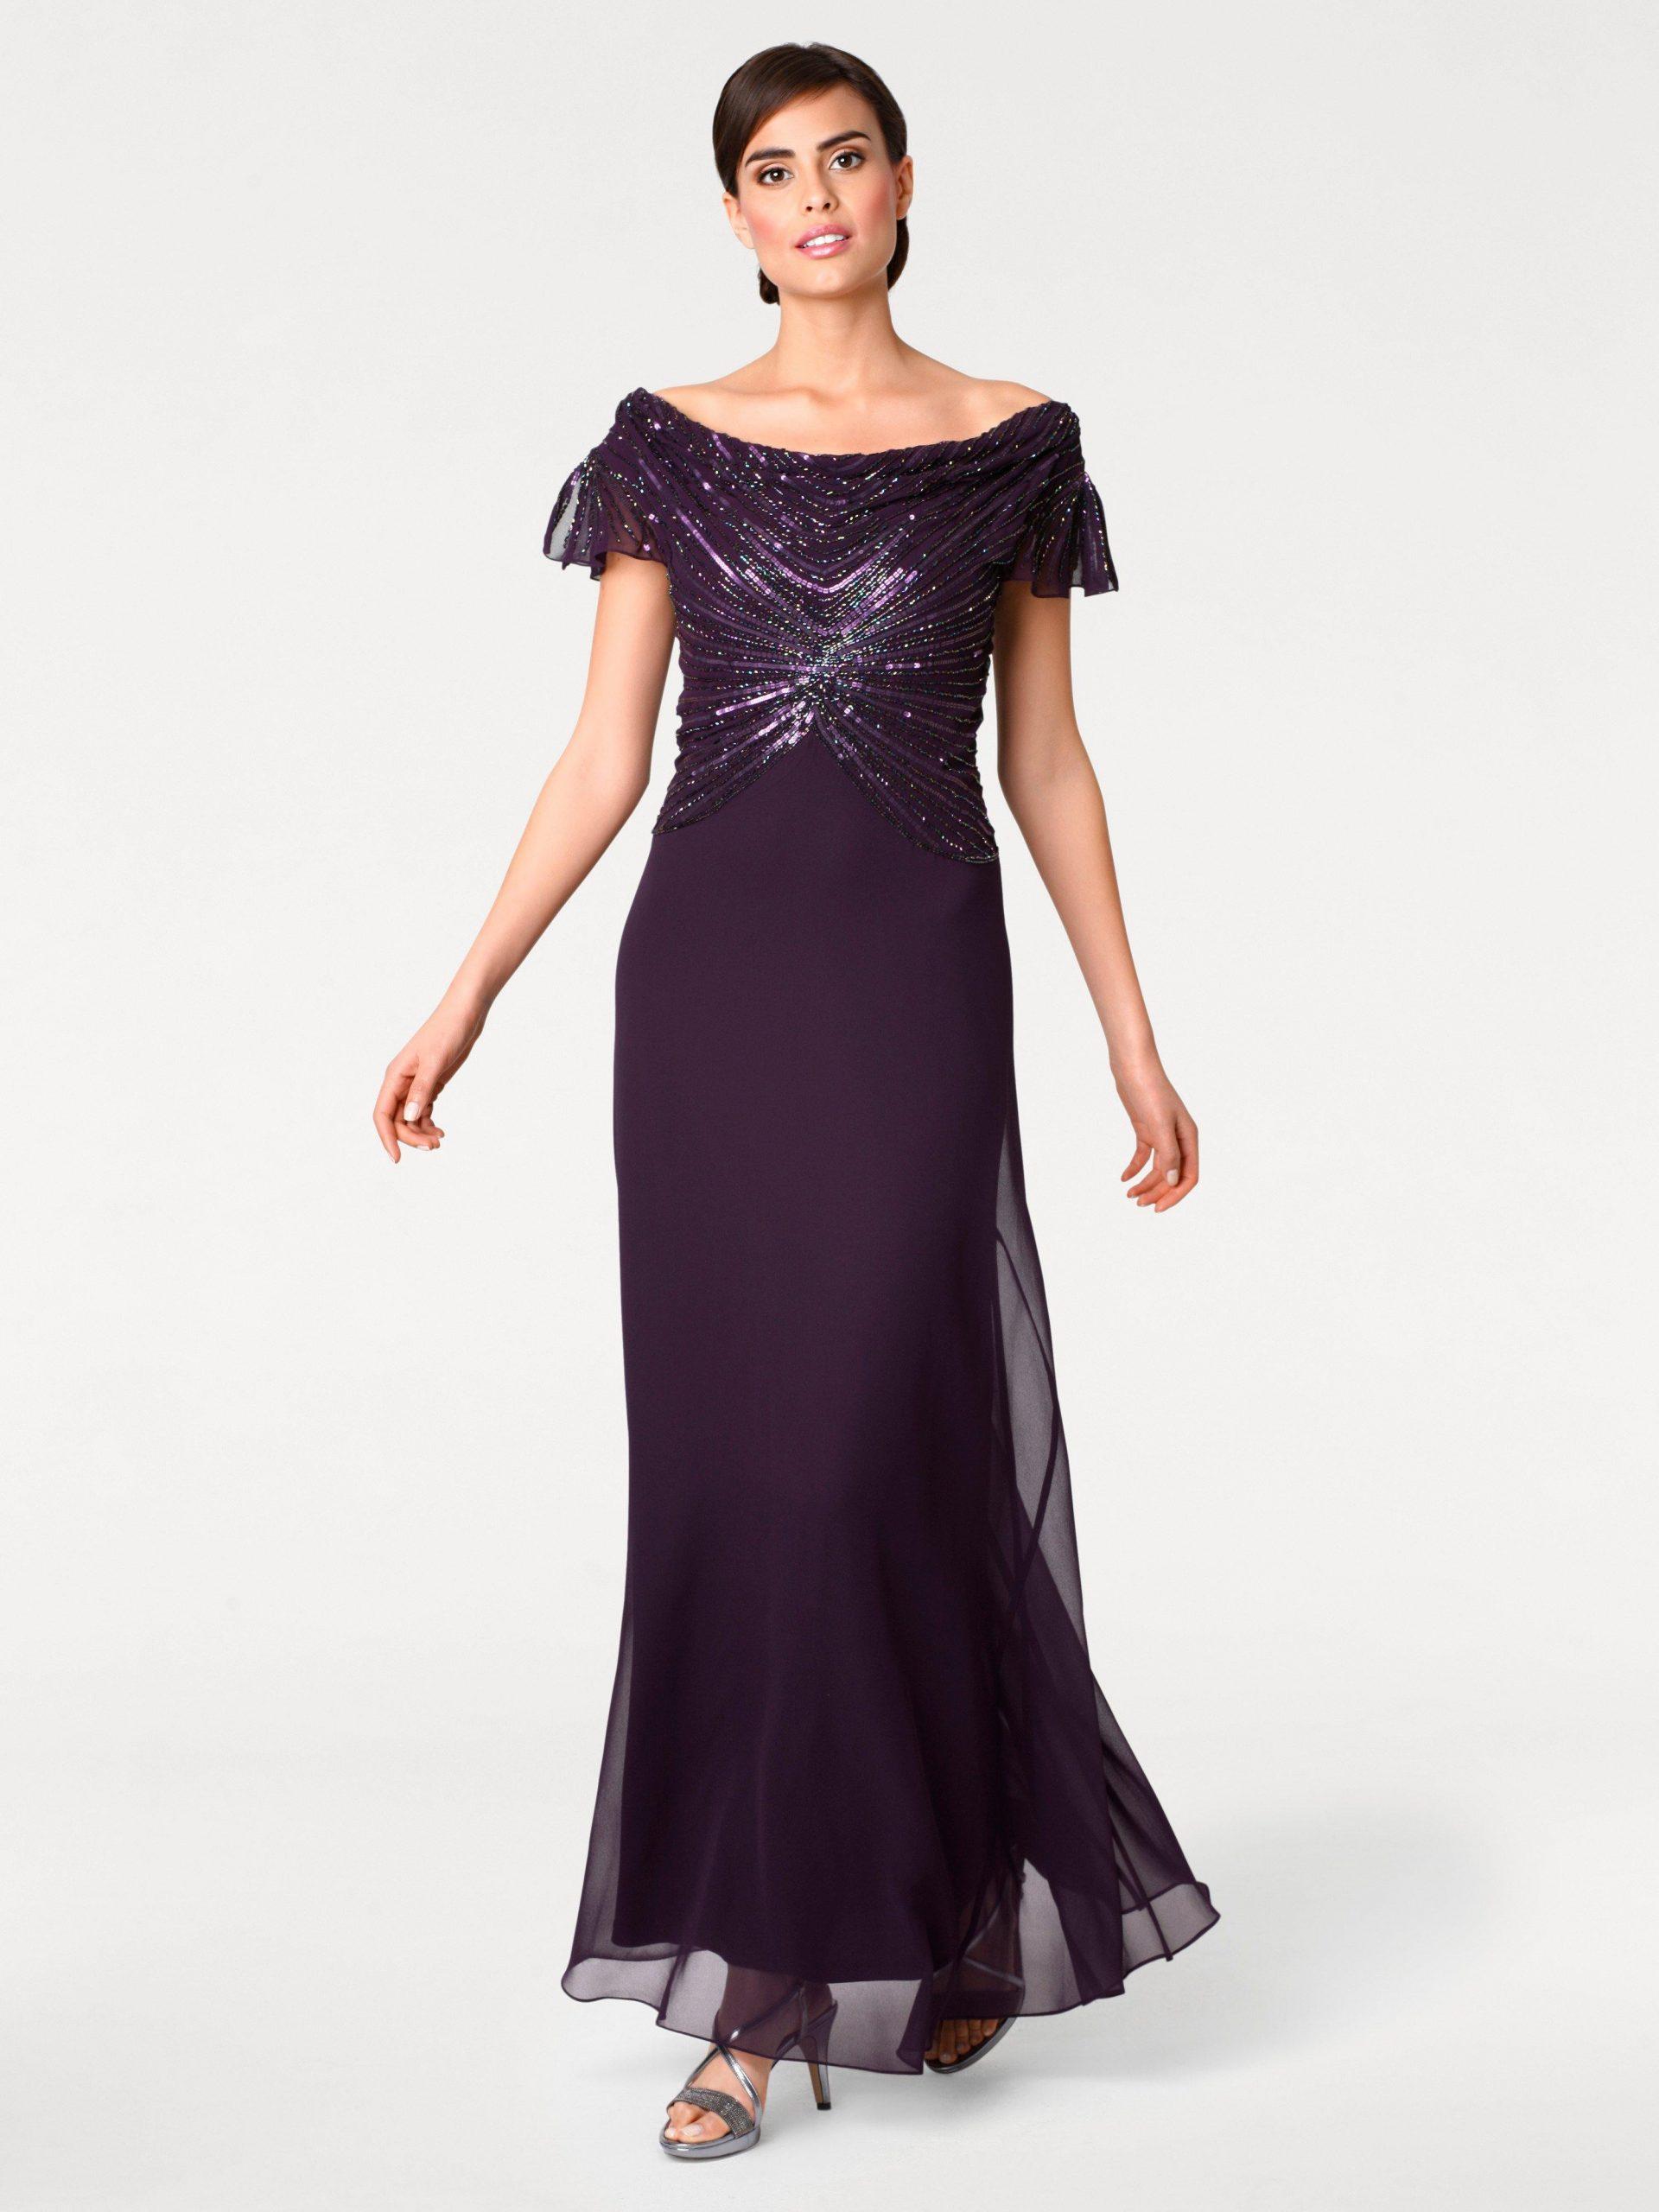 Formal Schön Abendkleid Heine DesignFormal Elegant Abendkleid Heine Vertrieb